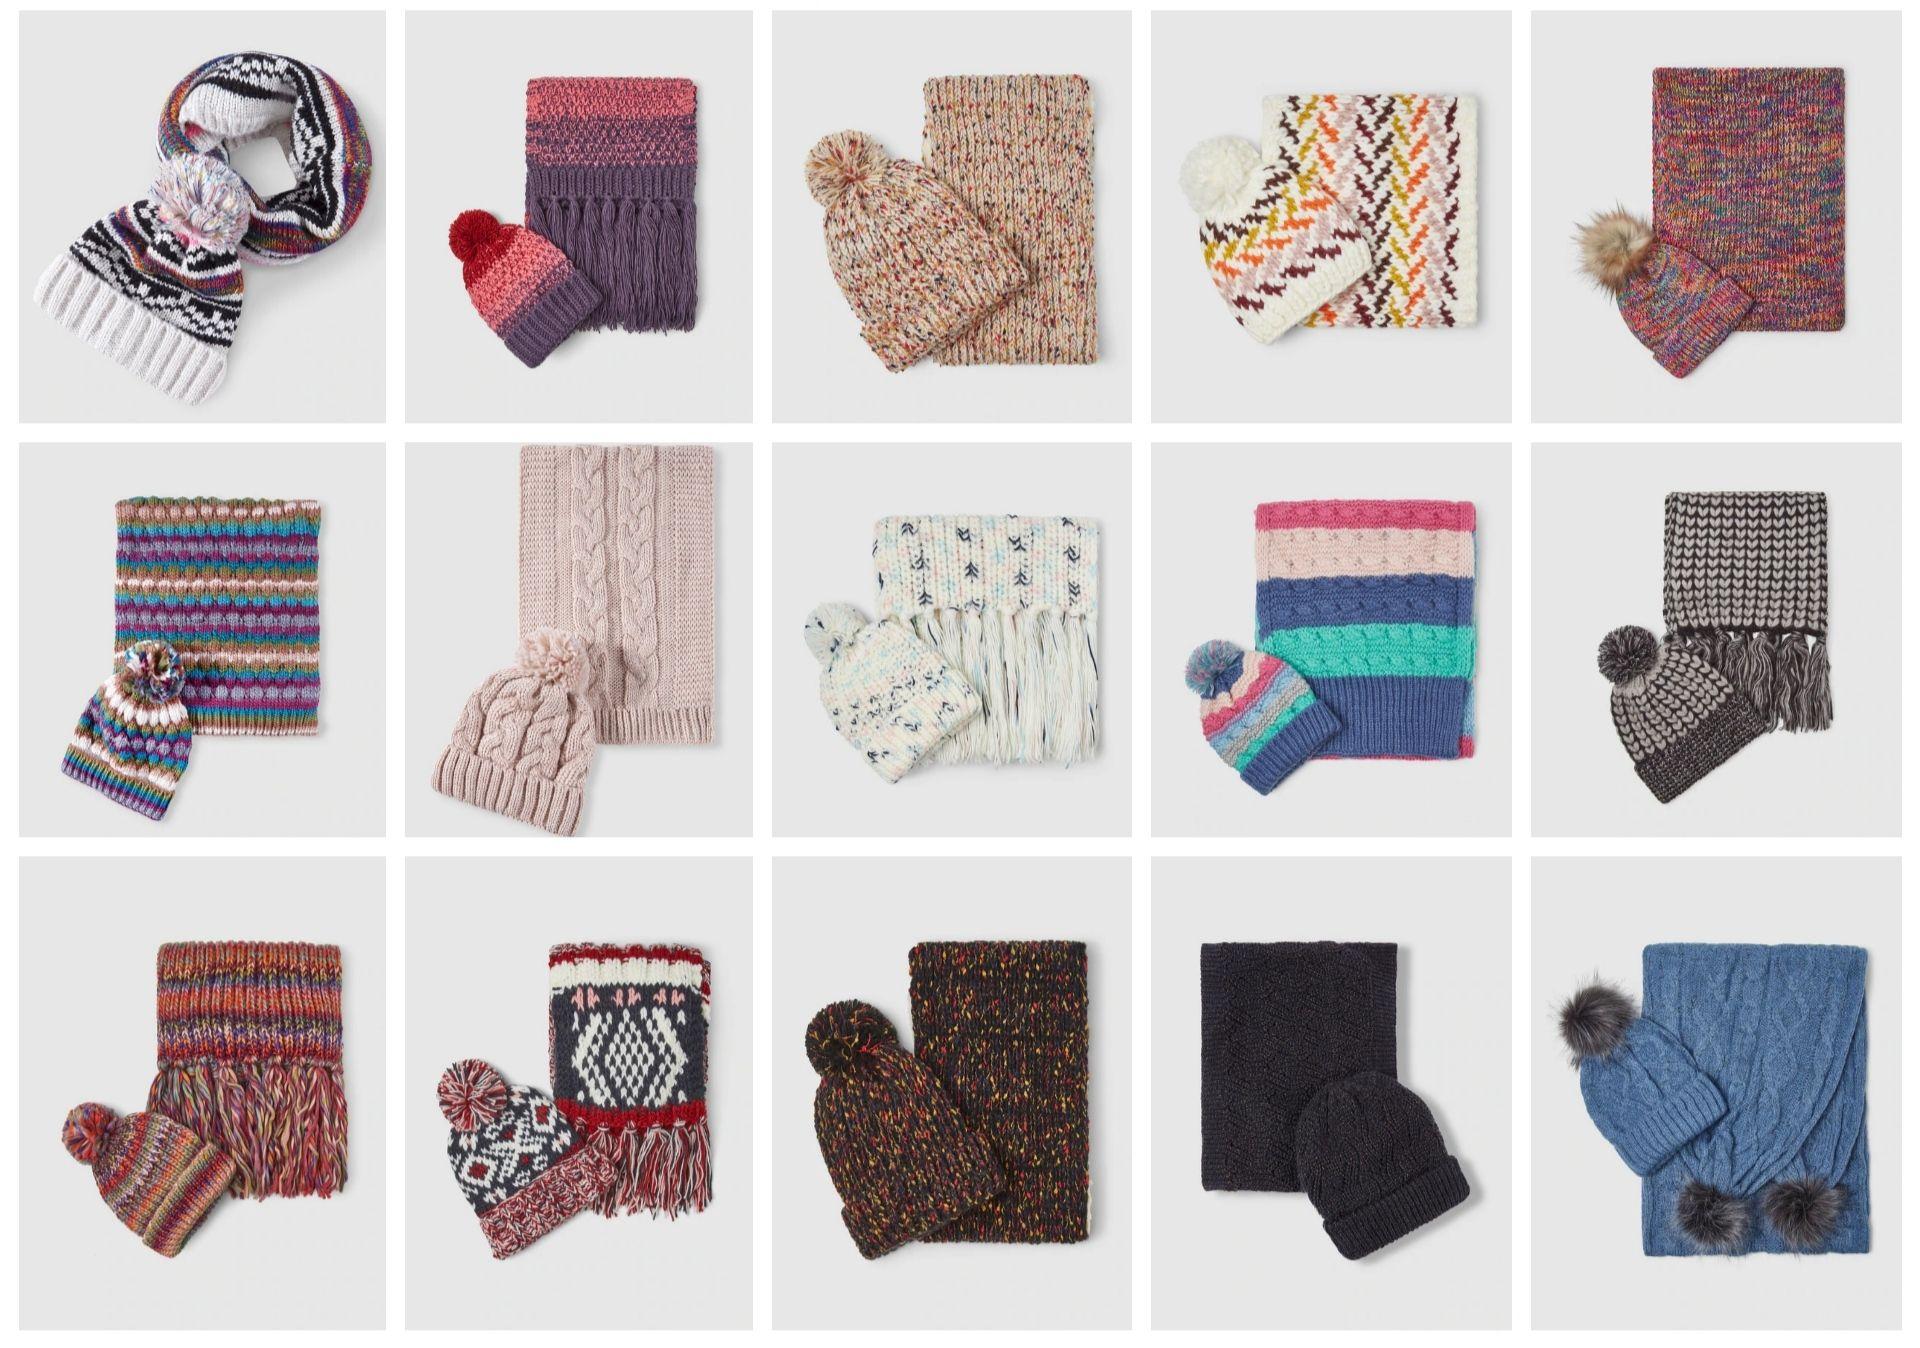 Reco conjunto de bufanda y gorro (7,79€/8,99€)